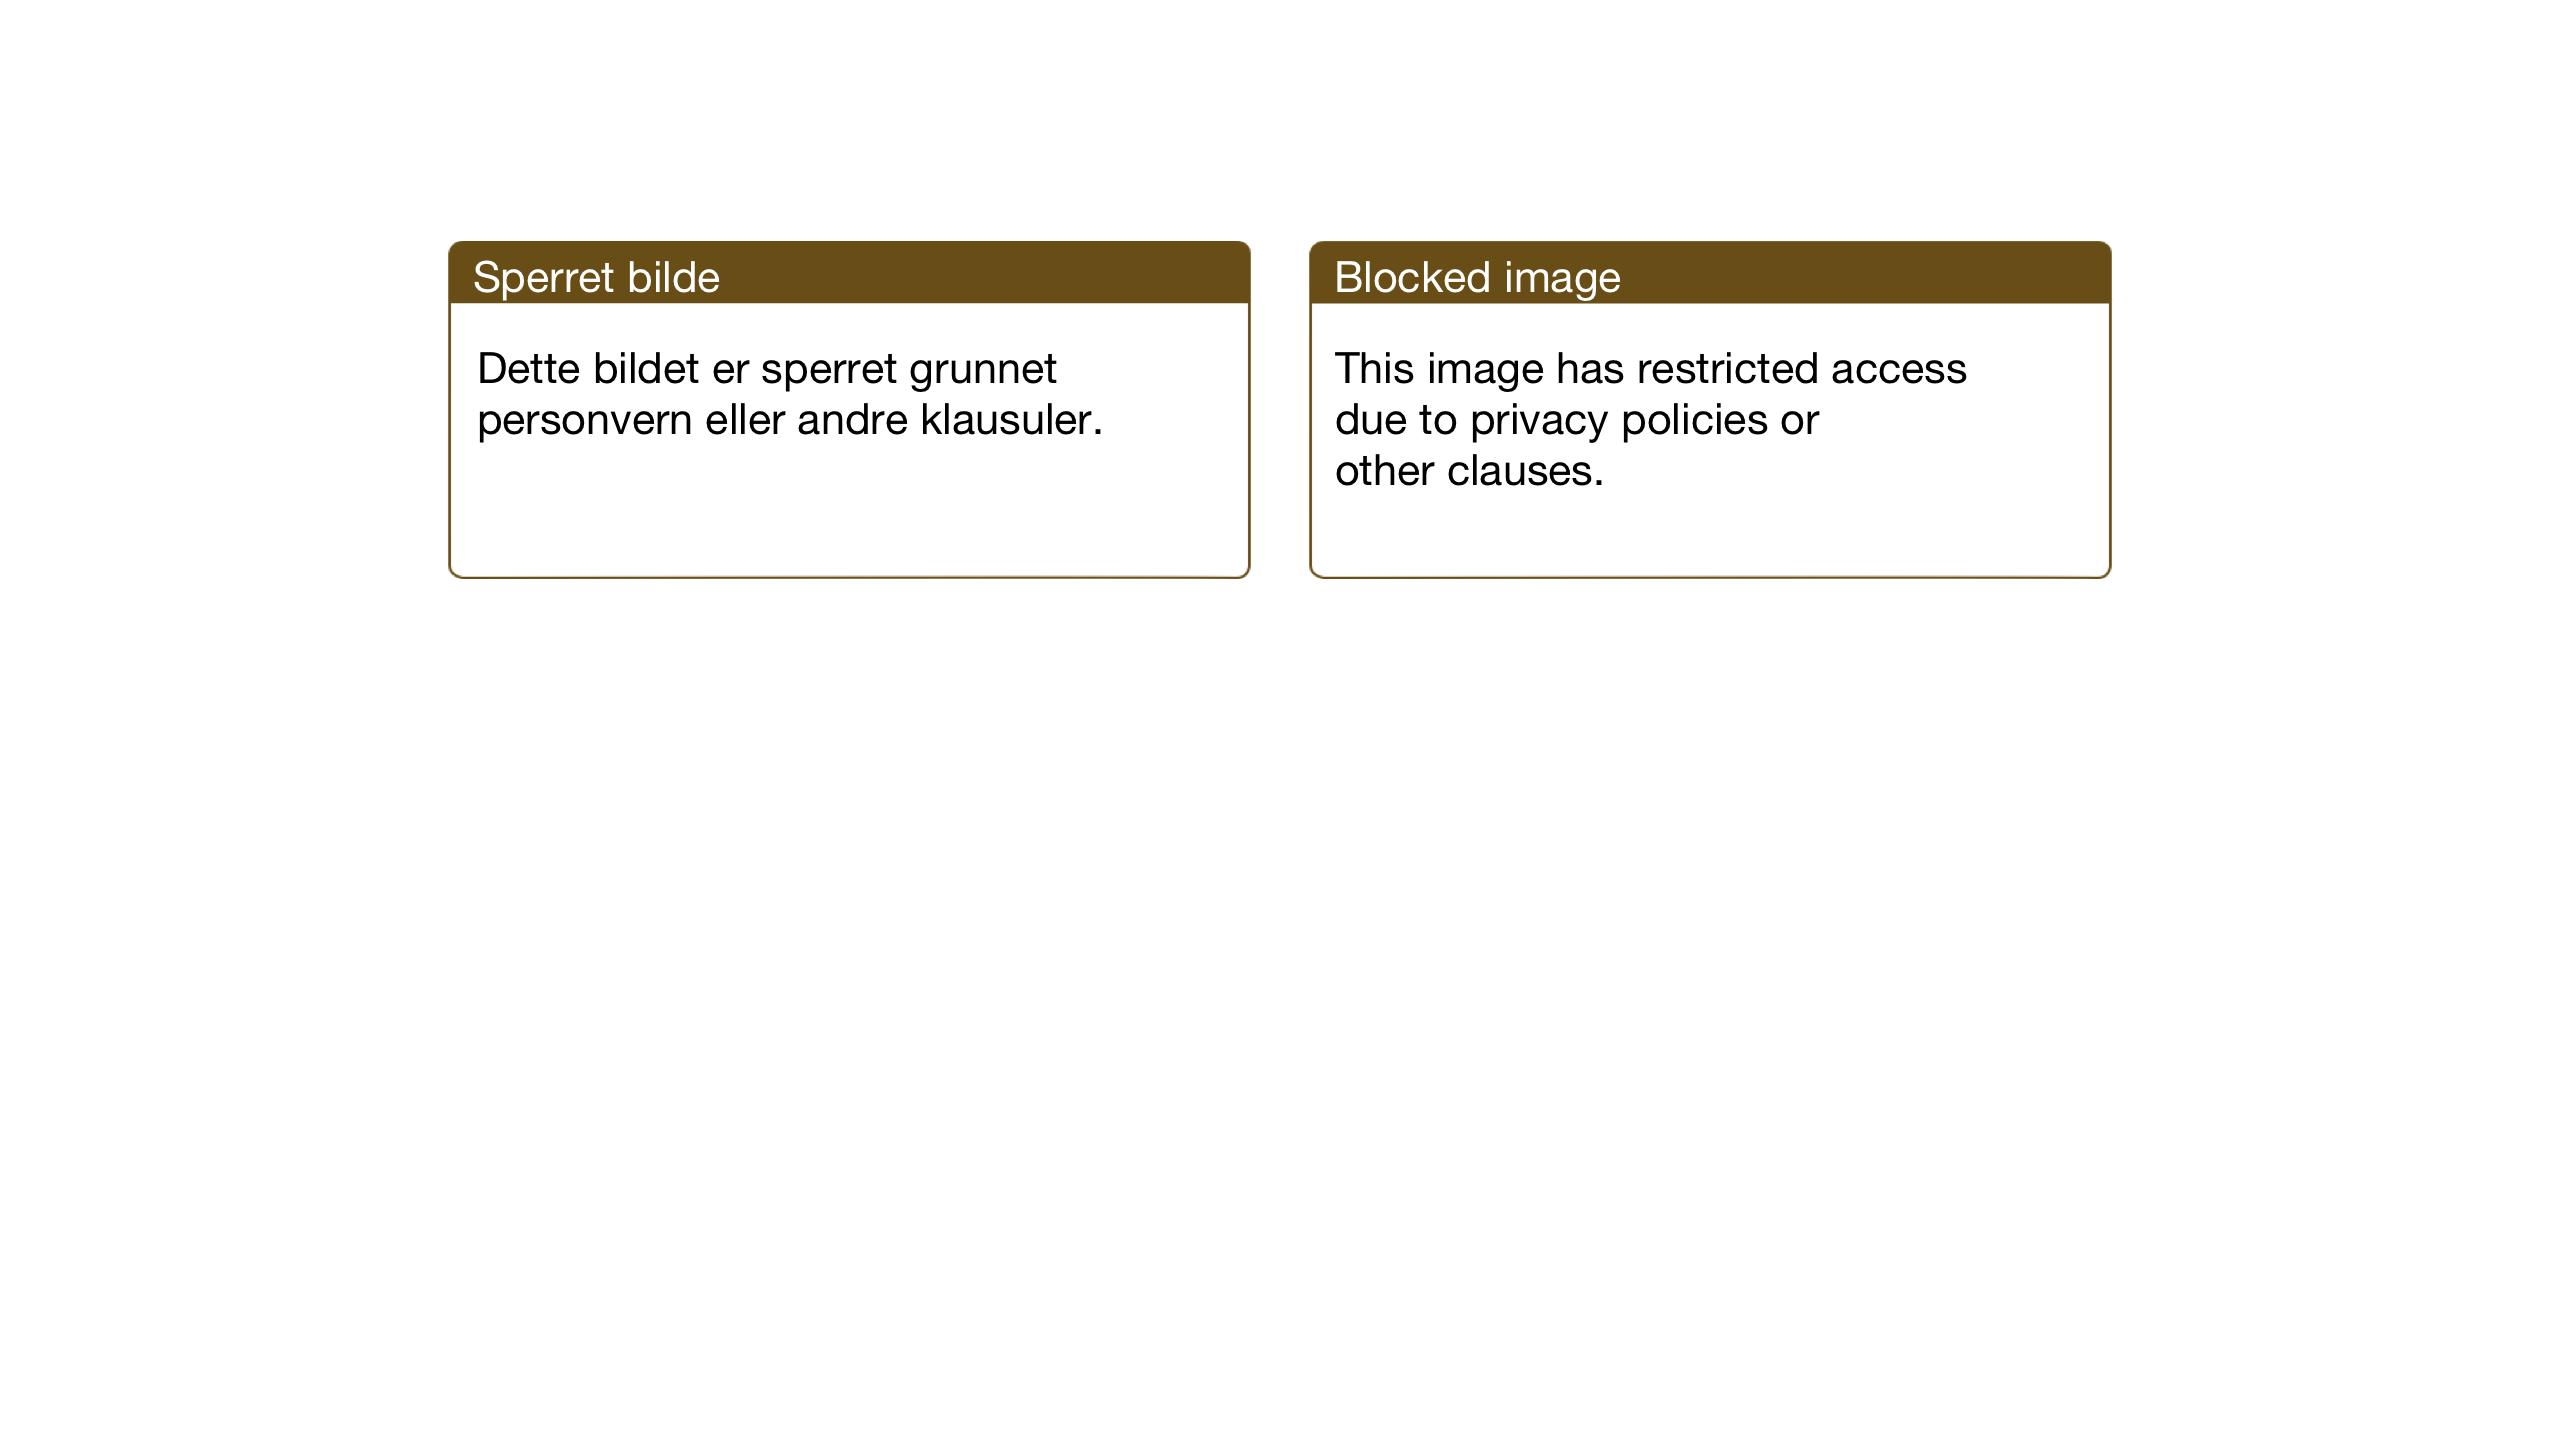 SAT, Ministerialprotokoller, klokkerbøker og fødselsregistre - Sør-Trøndelag, 638/L0569: Klokkerbok nr. 638C01, 1923-1961, s. 104